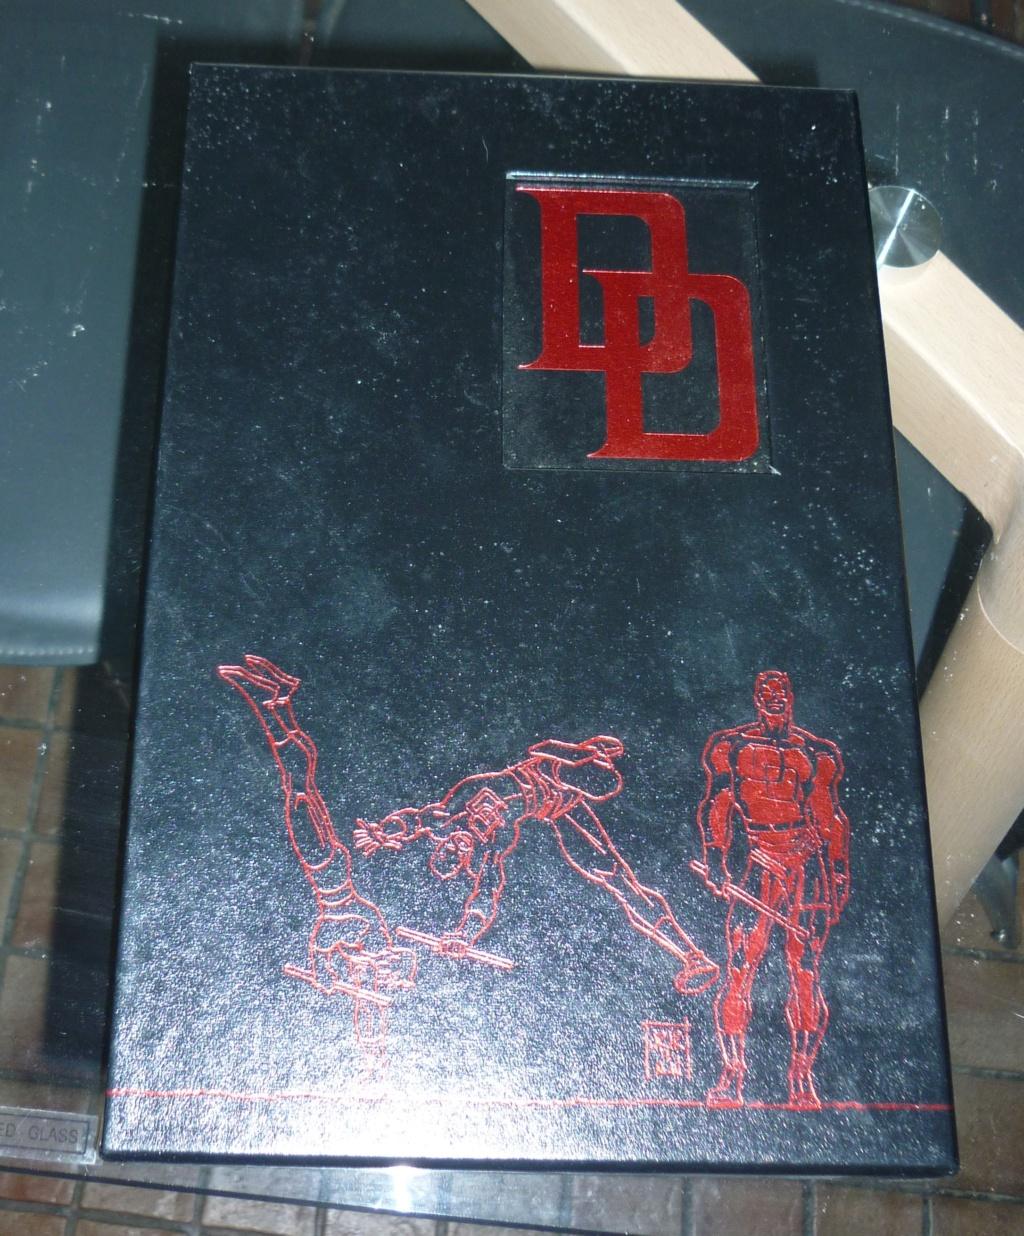 Bustes et statues Bowen et autres - Page 4 P1040760